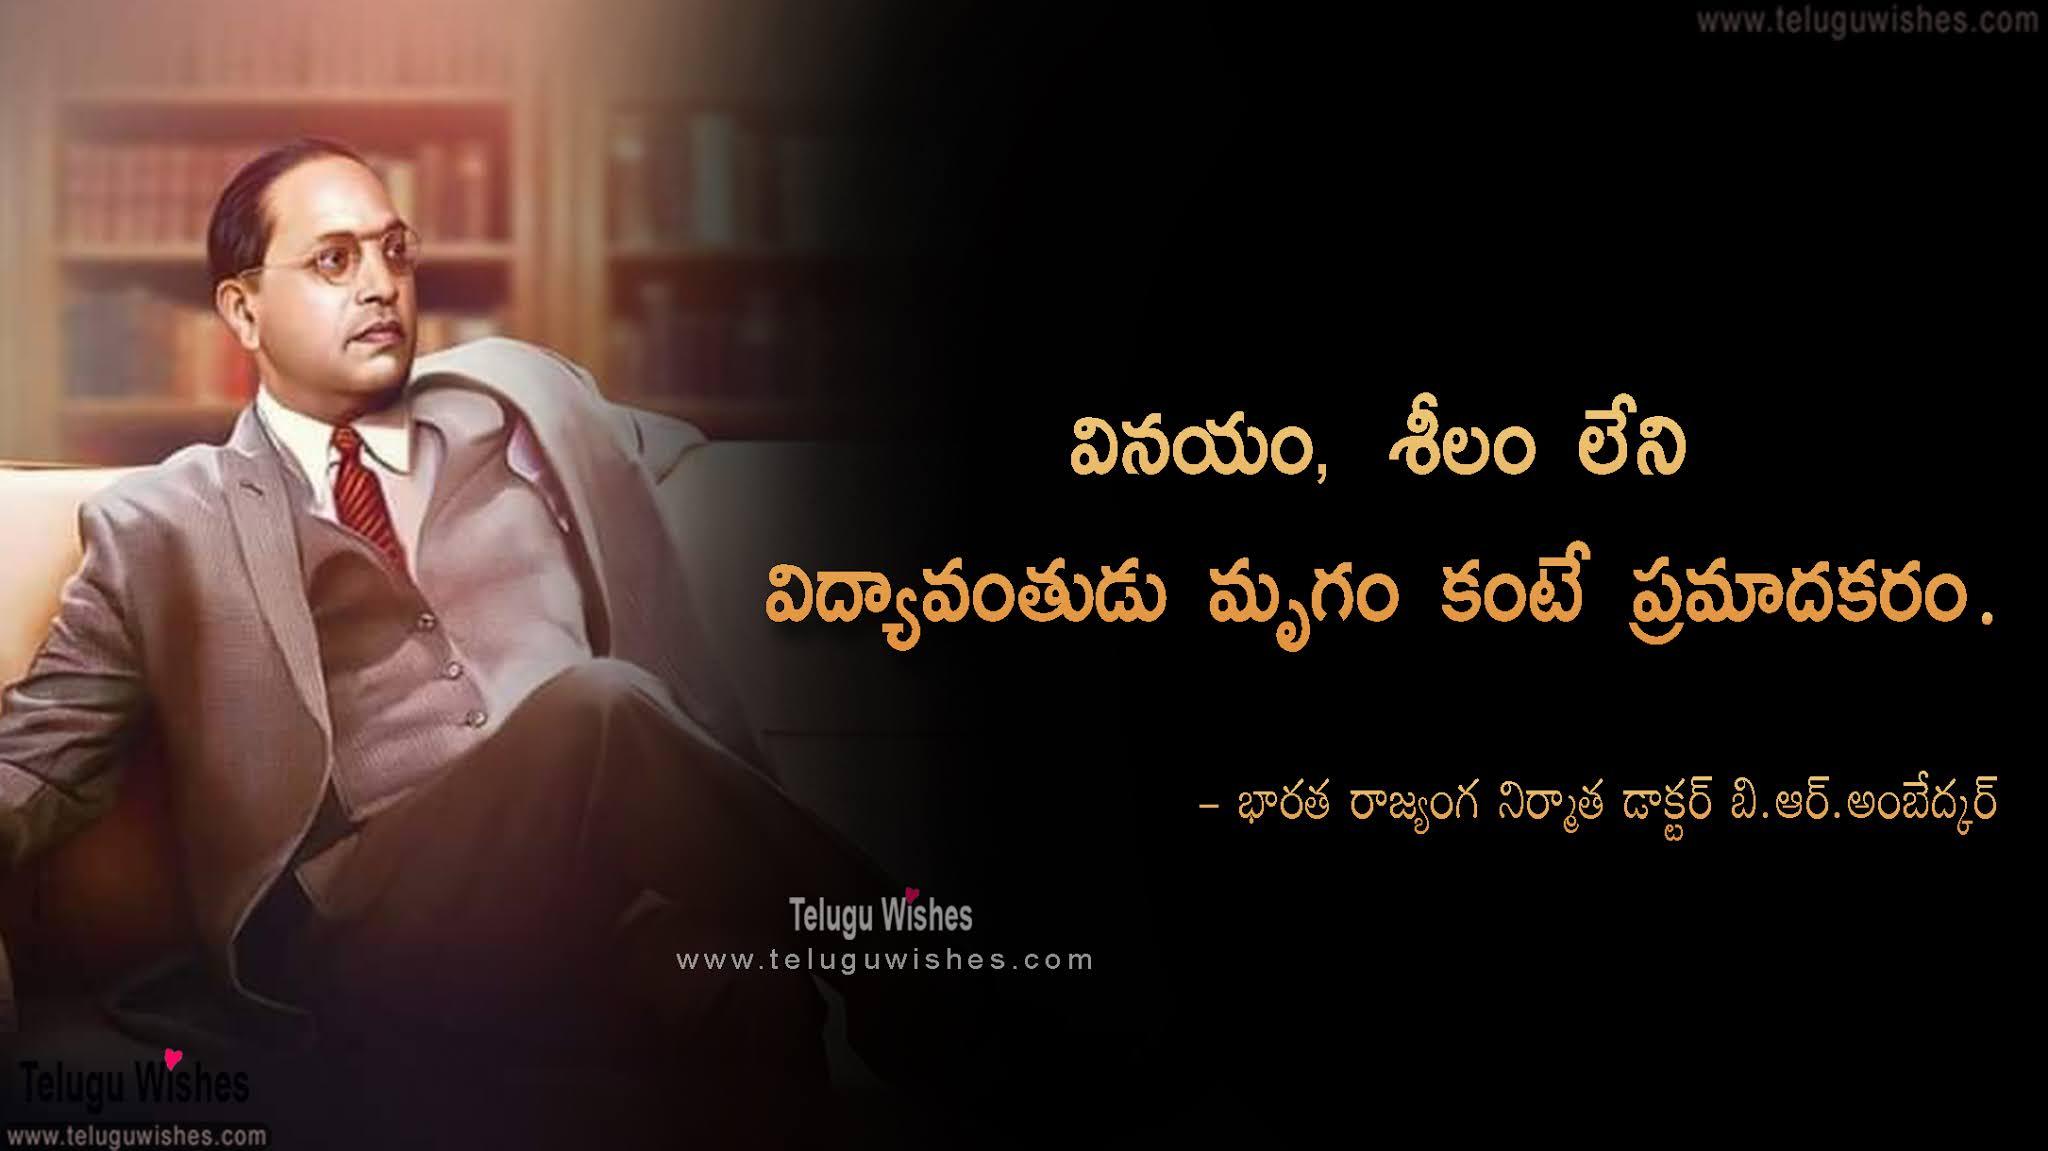 Dr Br Ambedkar quotes in telugu